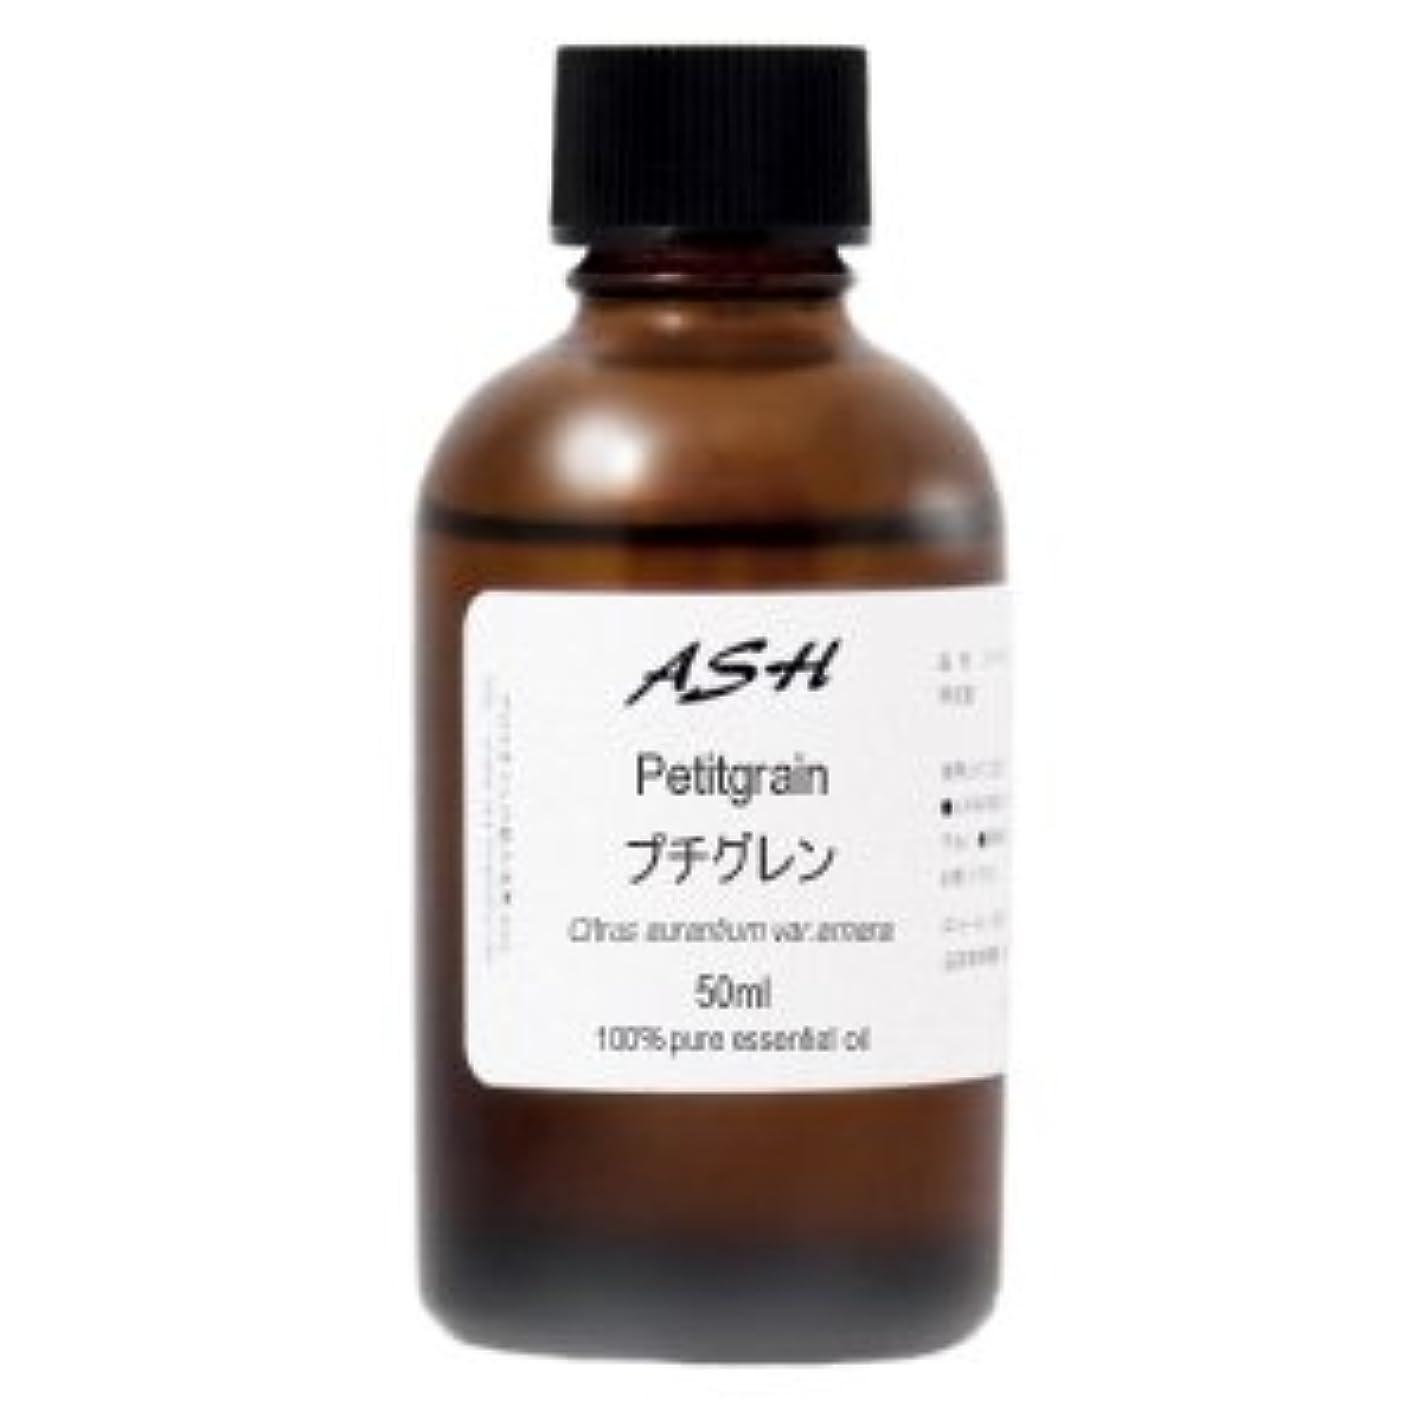 露皿料理ASH プチグレン エッセンシャルオイル 50ml AEAJ表示基準適合認定精油